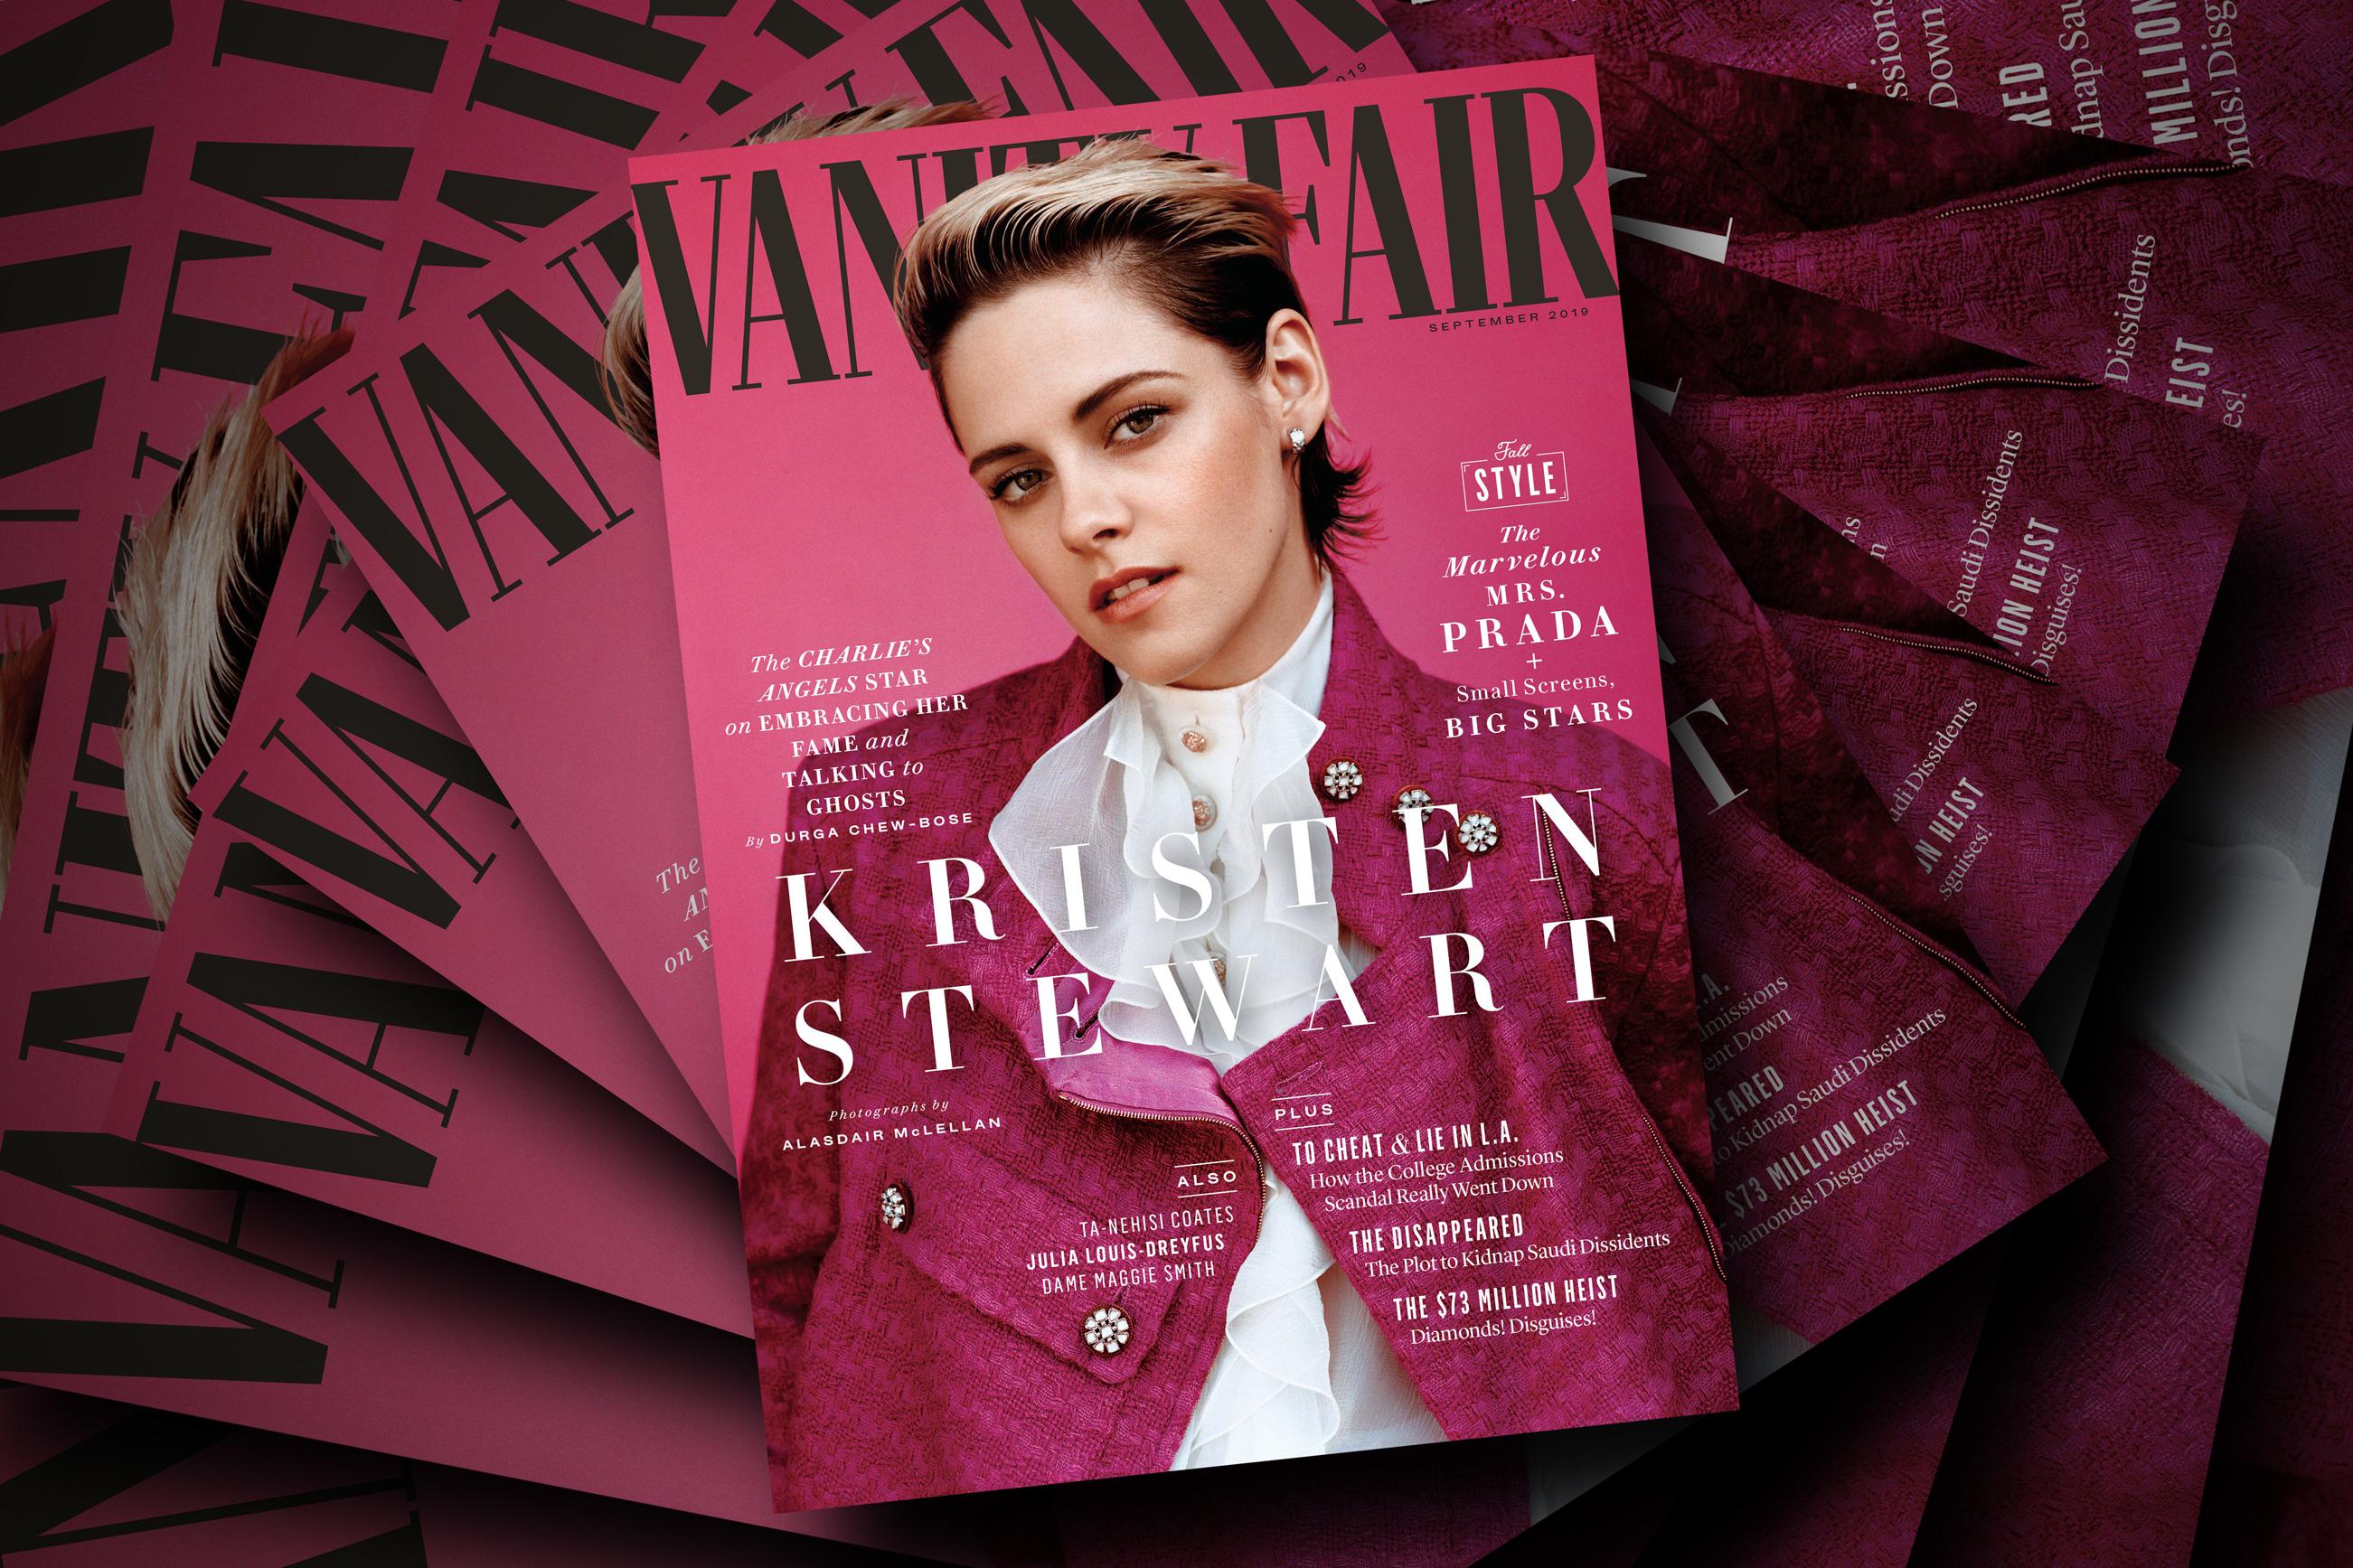 Kristen Stewart fronts the September Vanity Fair